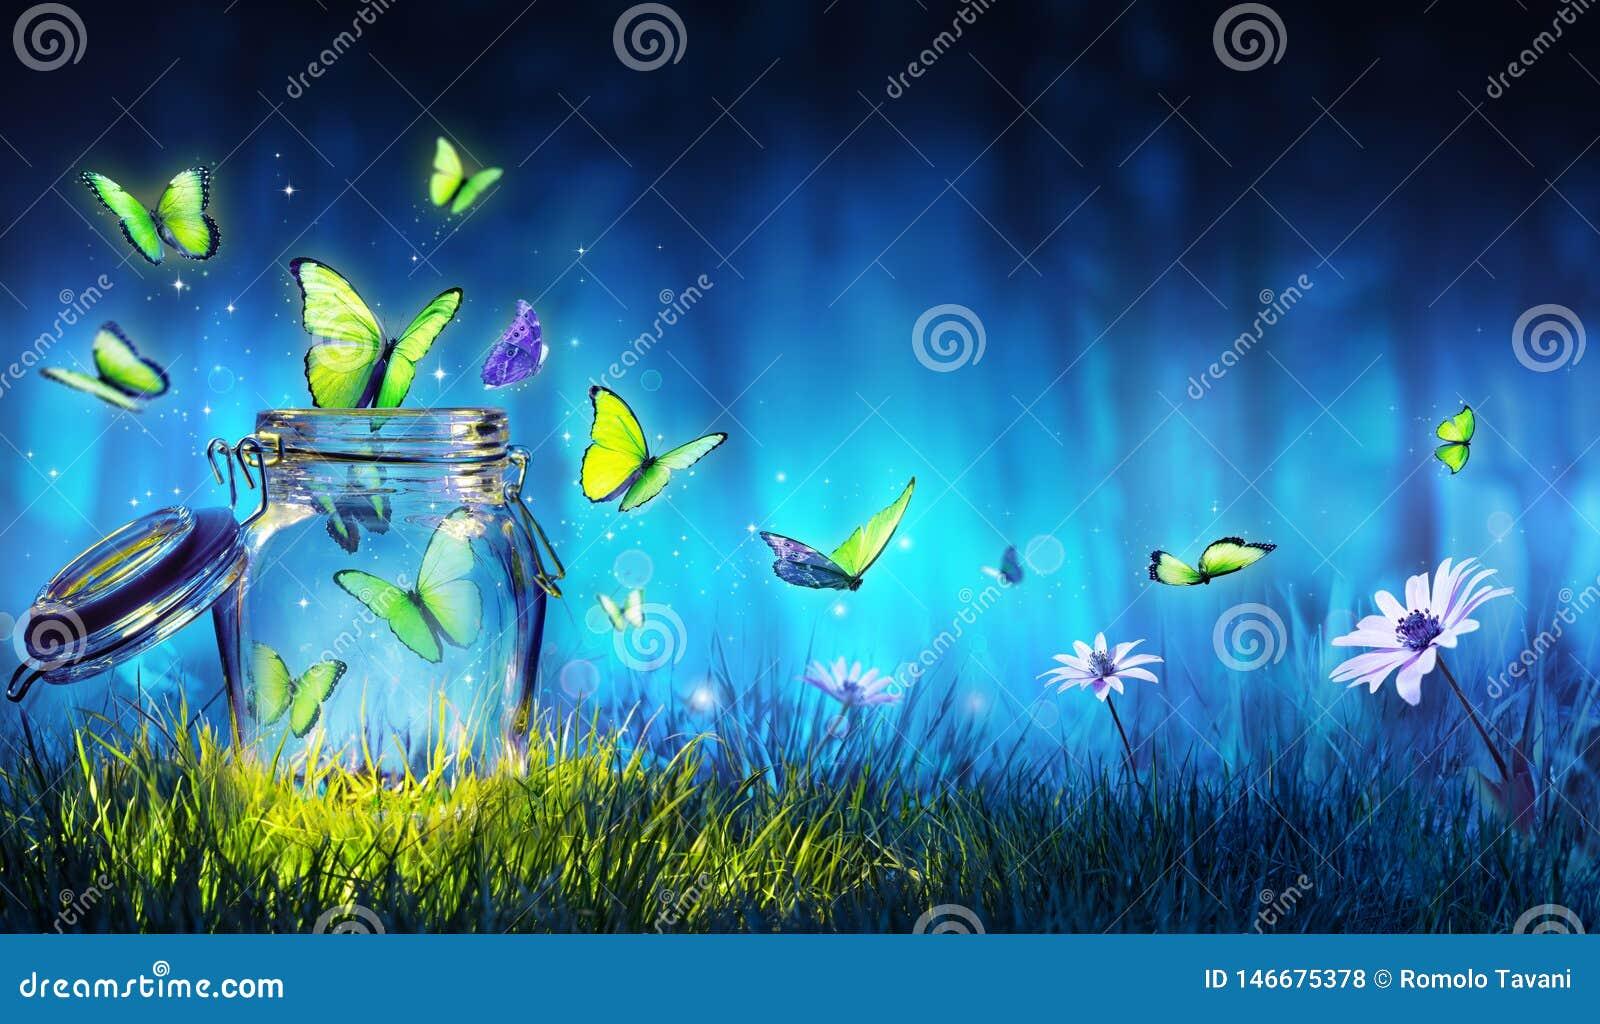 Vrijheidsconcept - Magische Vlinders die uit de Kruik vliegen